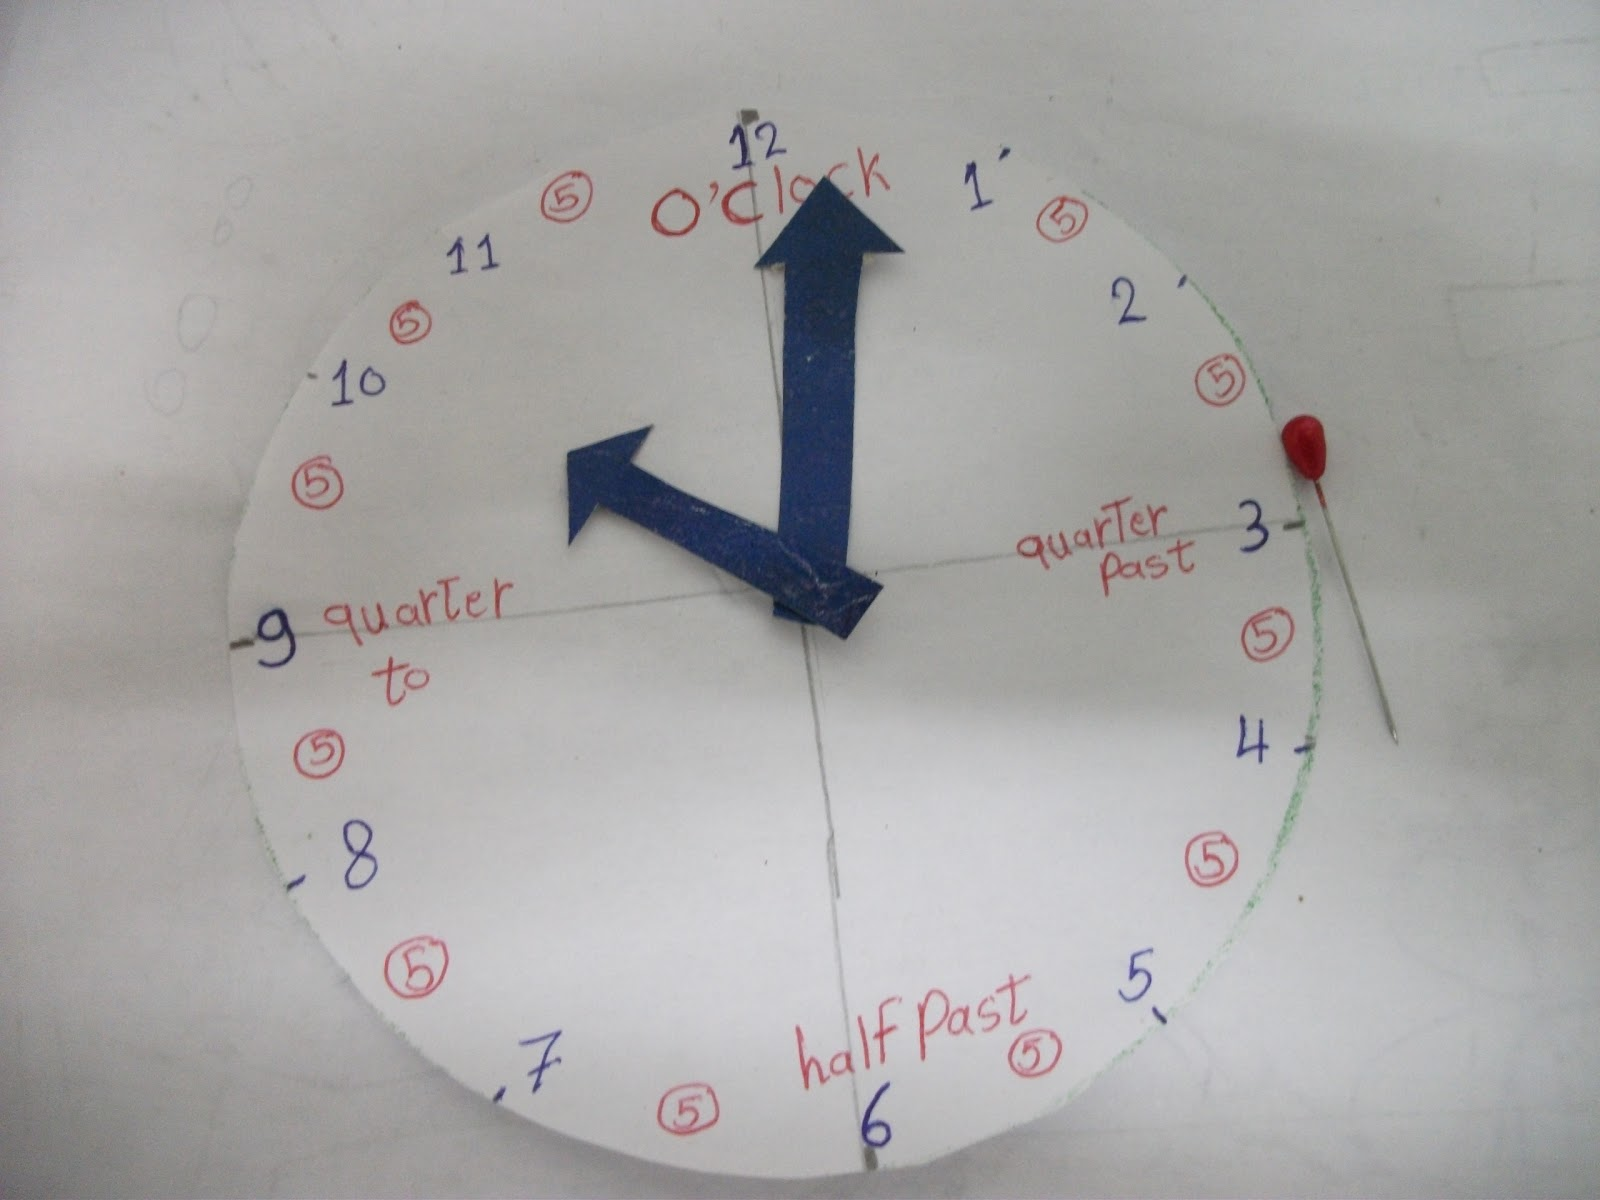 تعليم الساعة للأطفال بكل سهولة بالصور والفيديو هائل وبسيط